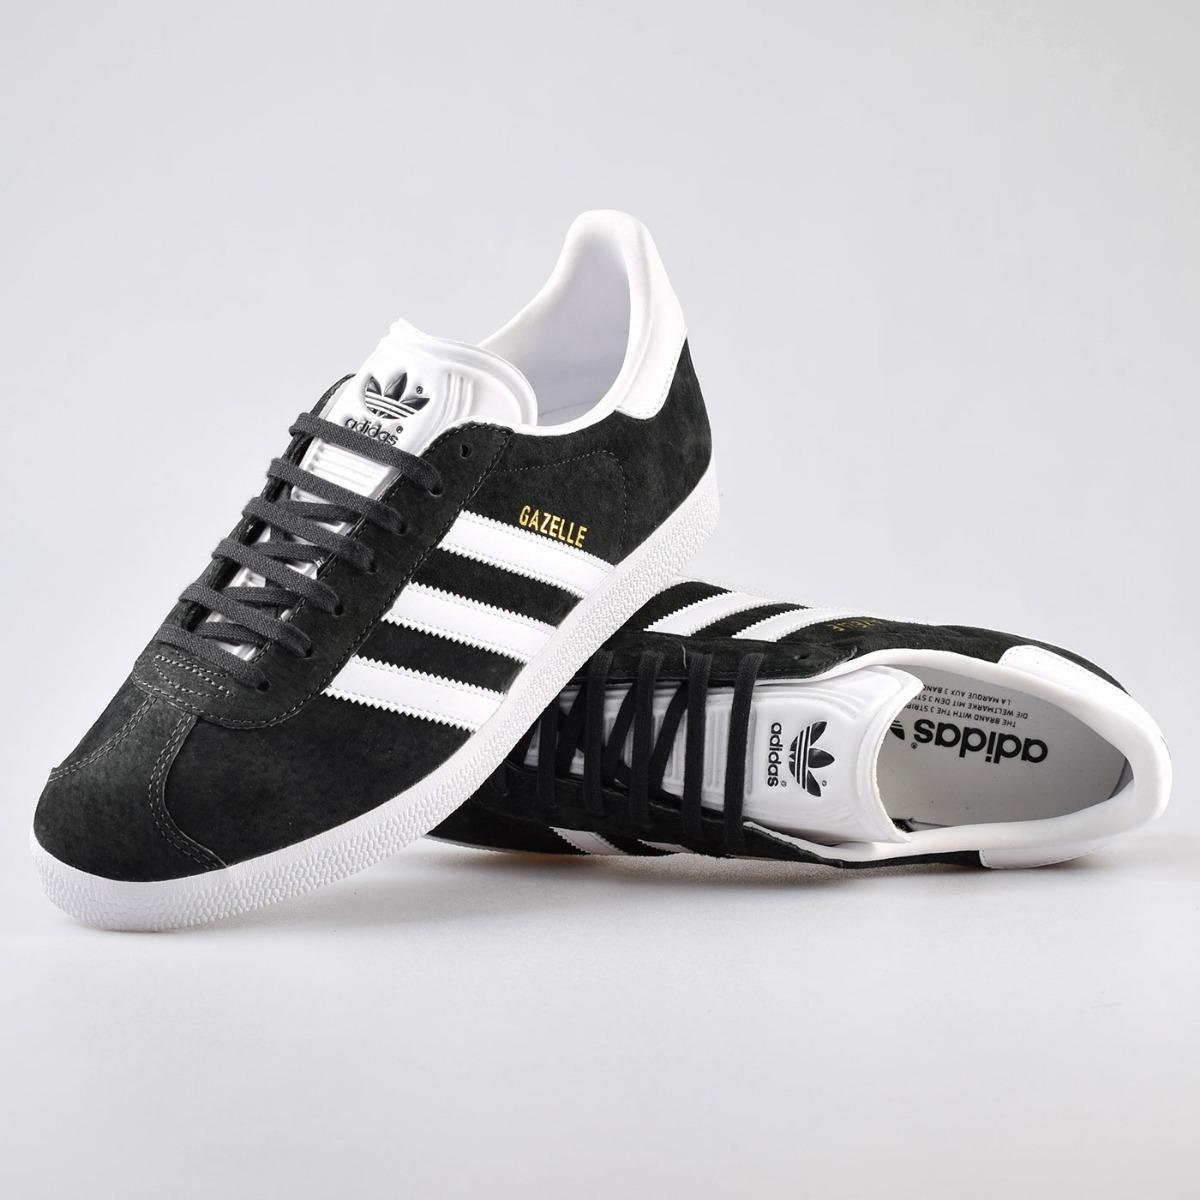 ca7c0532f52ef Tenis adidas Gazelle Negras Con Blanco Hombre